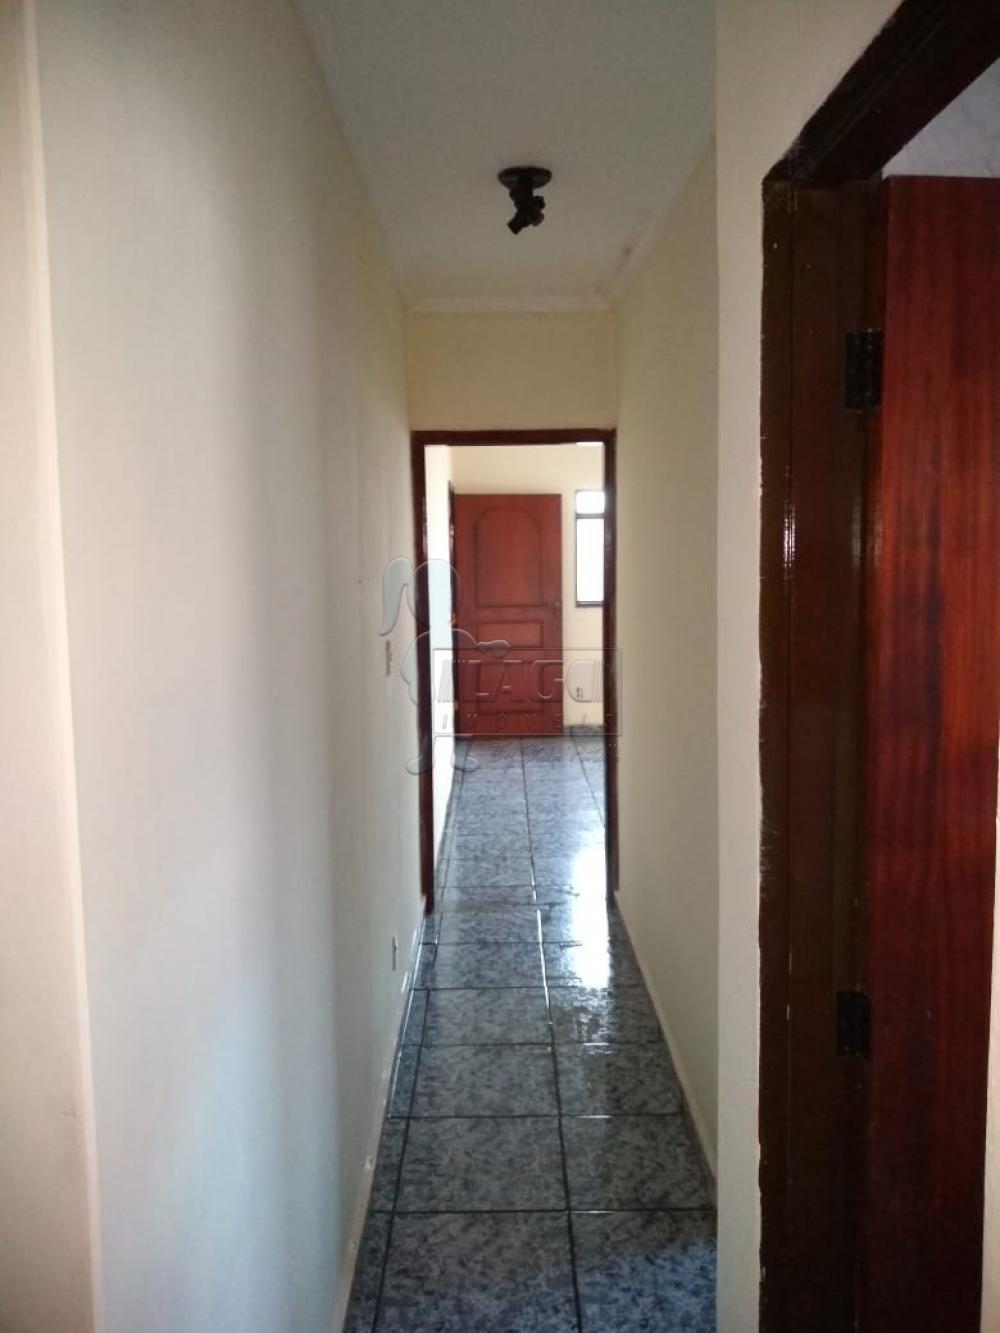 Alugar Casas / Padrão em Ribeirão Preto apenas R$ 1.100,00 - Foto 8